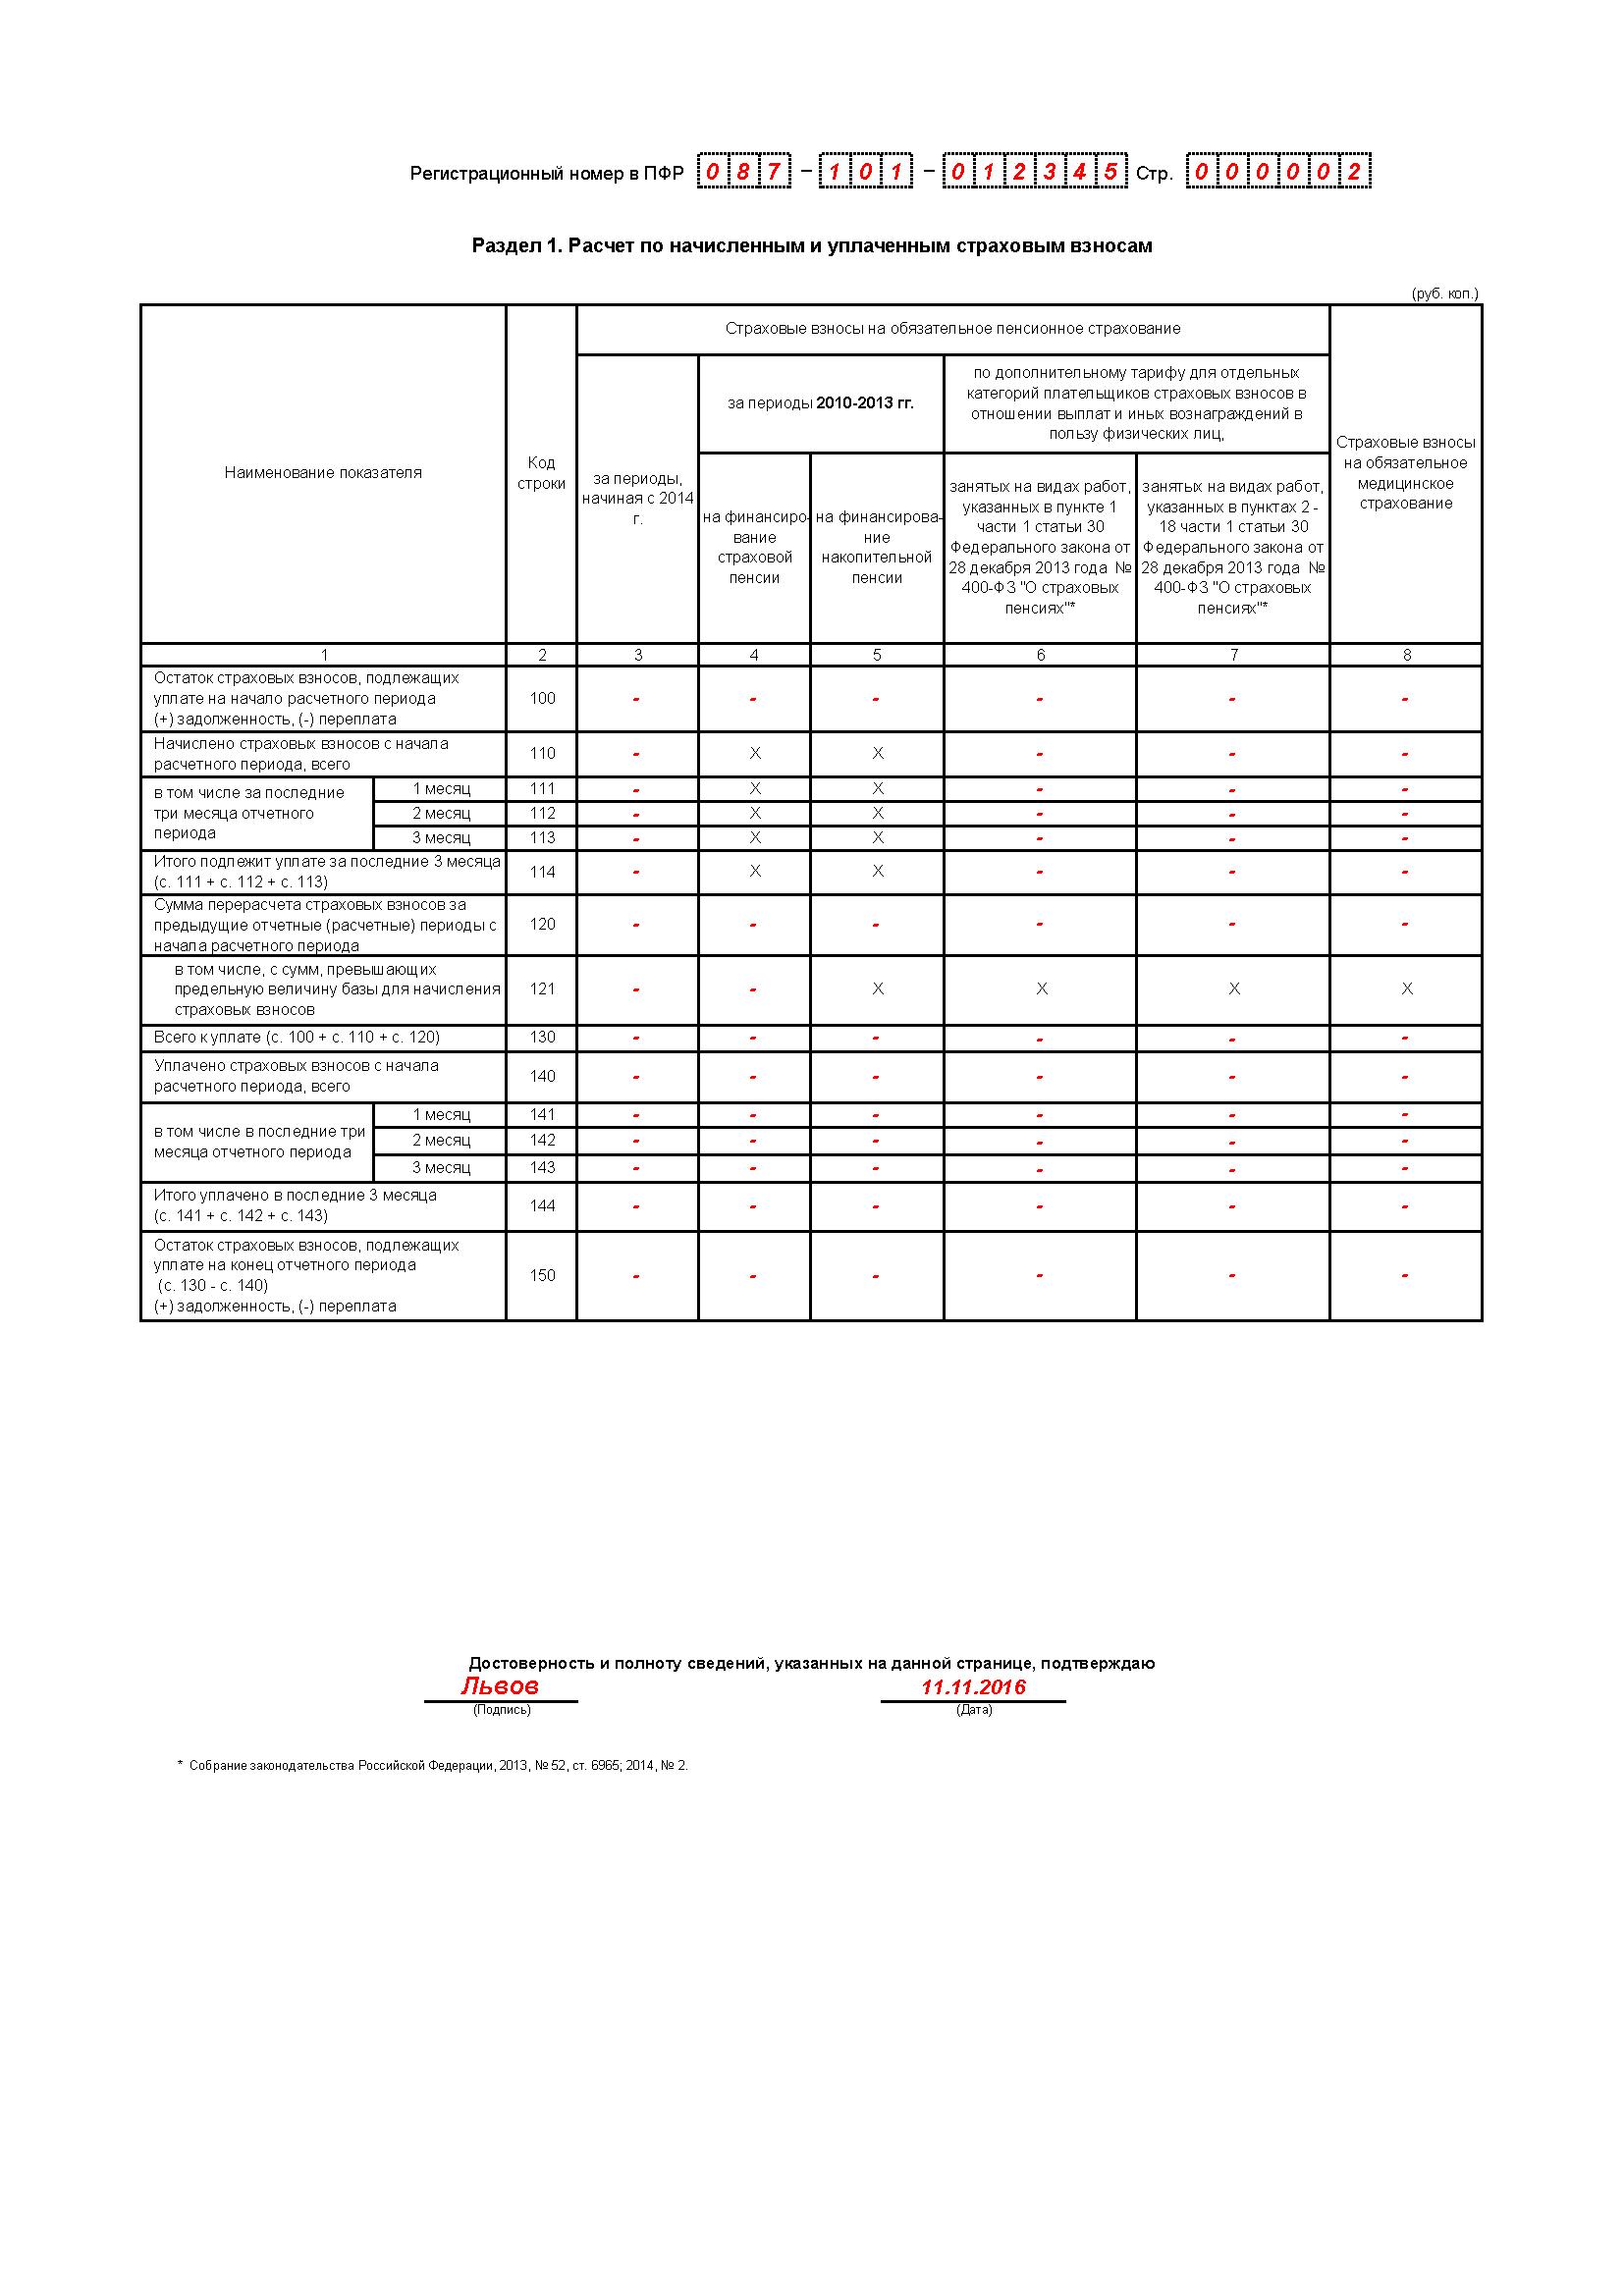 РСВ-1 ЗА 3 КВАРТАЛ 2016 СКАЧАТЬ БЕСПЛАТНО